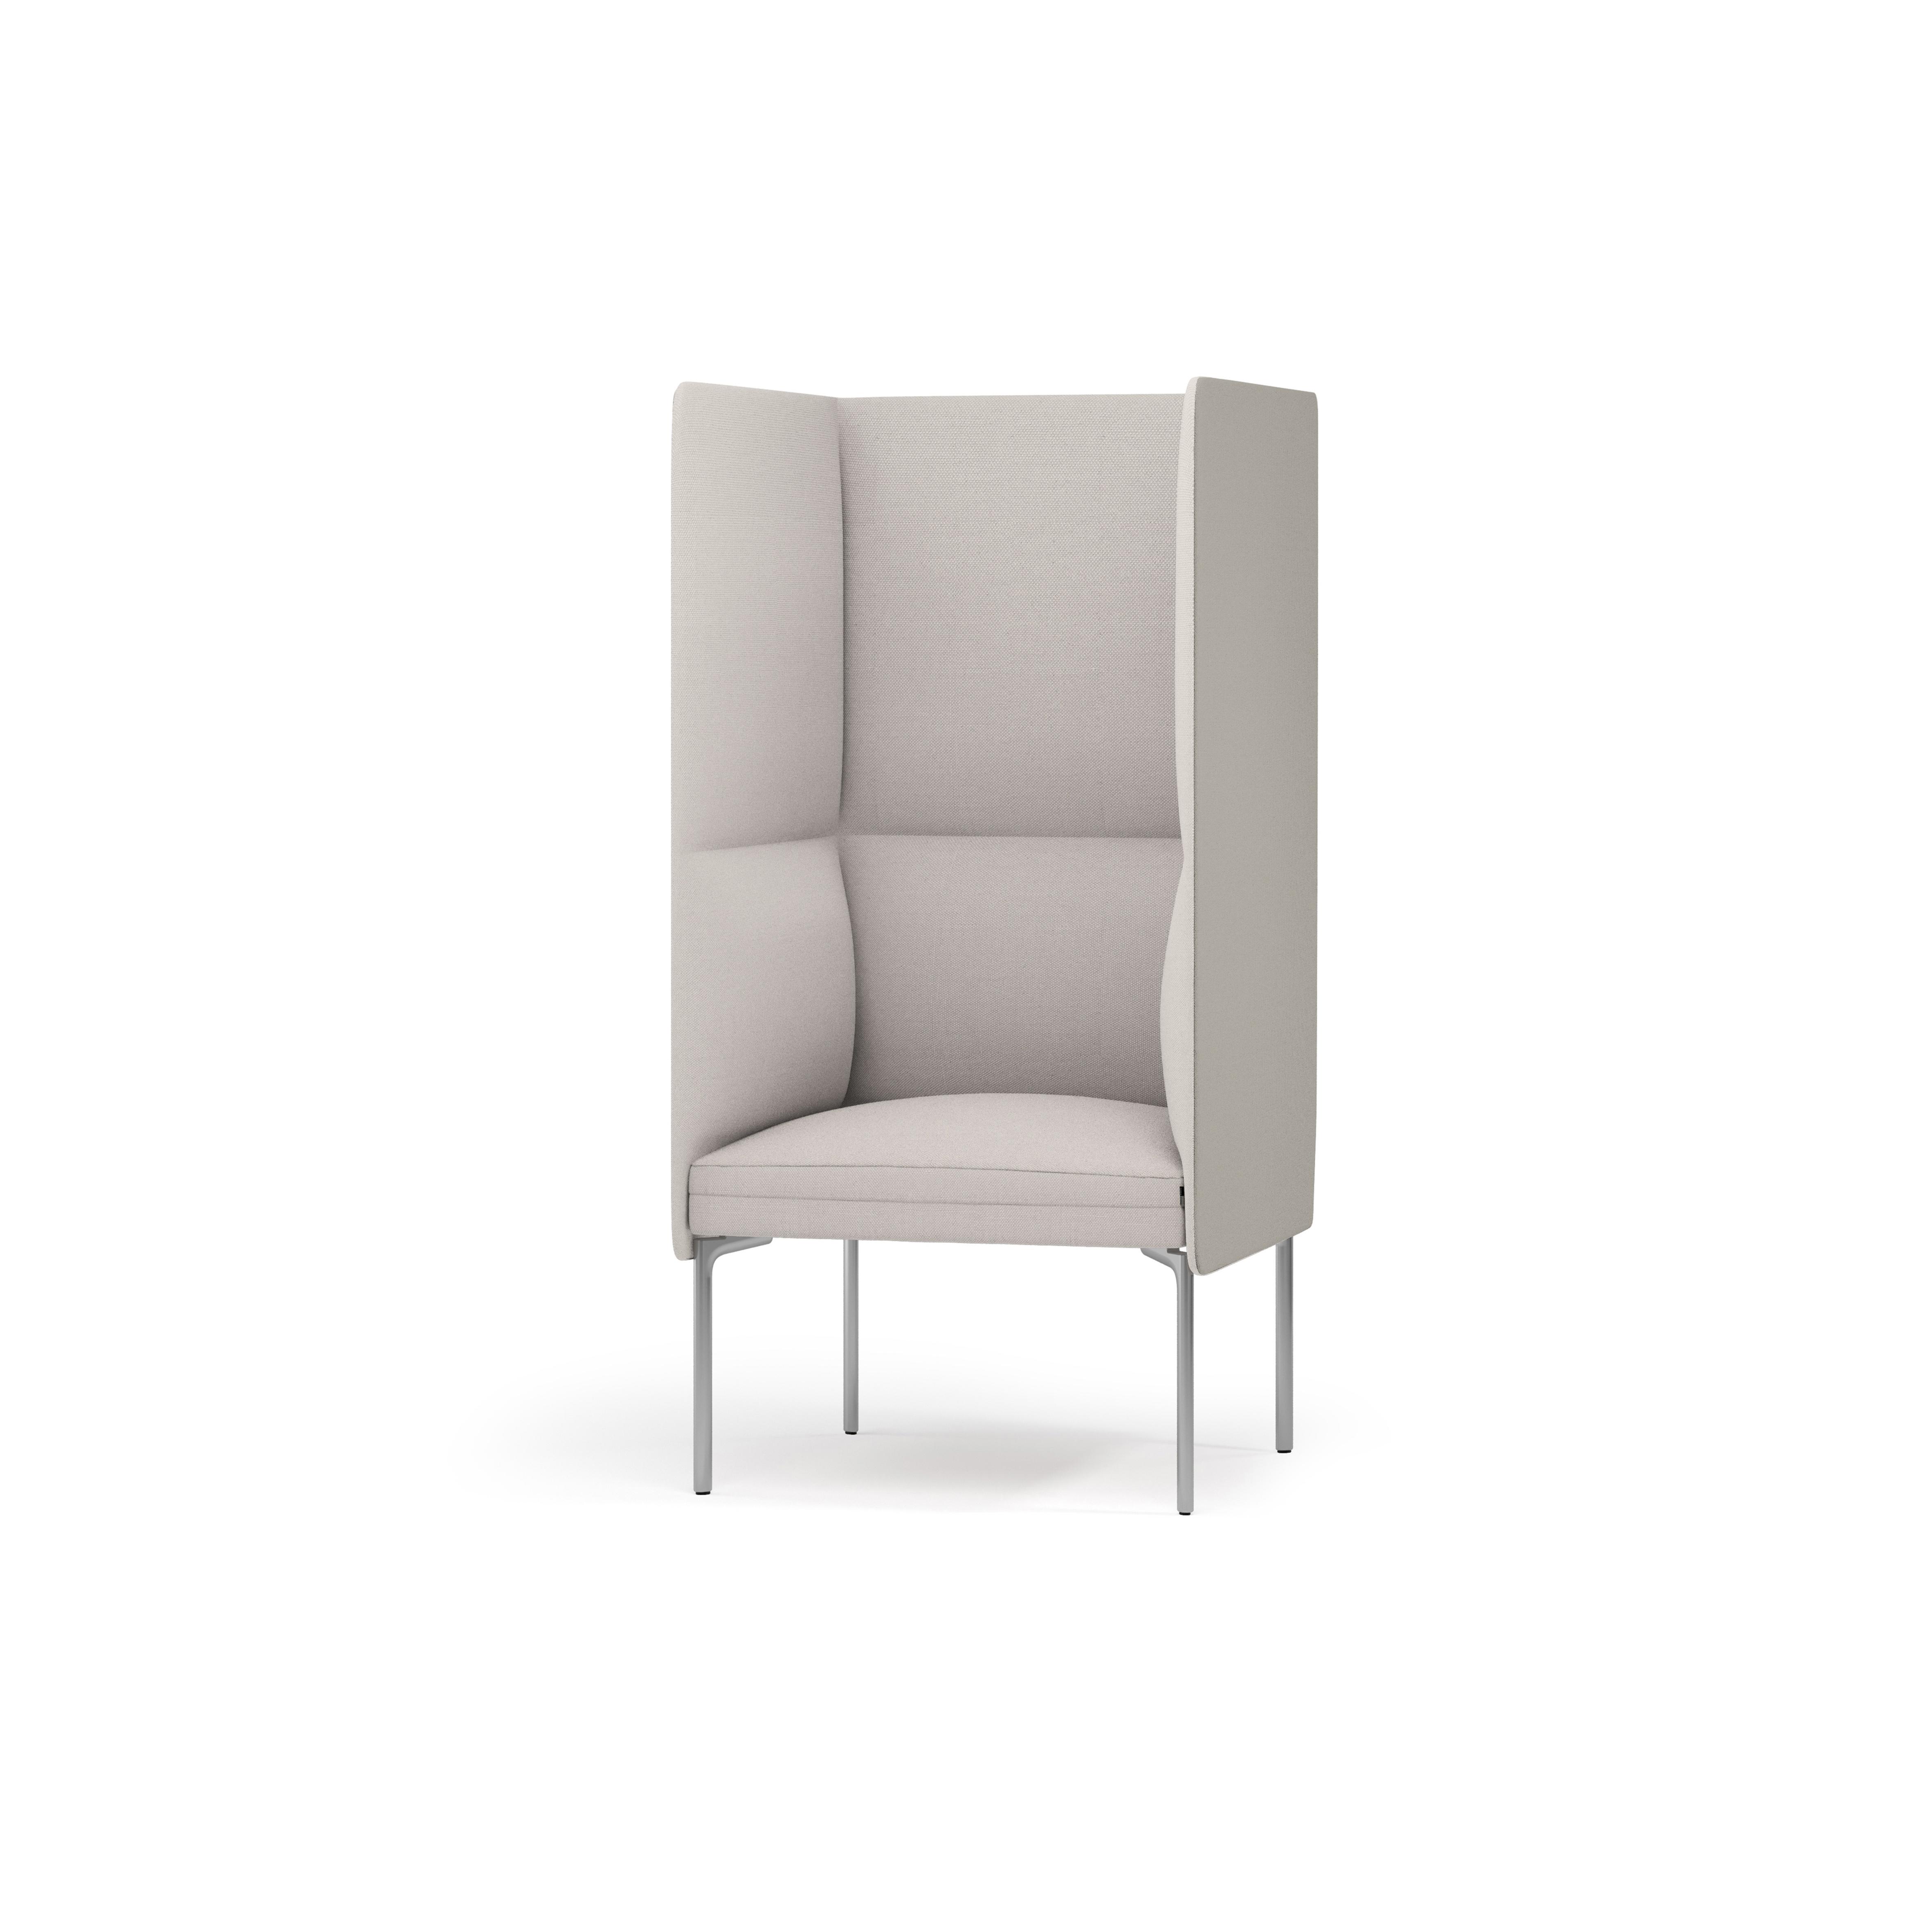 Senso XH stol med ekstra høy rygg Fora Form